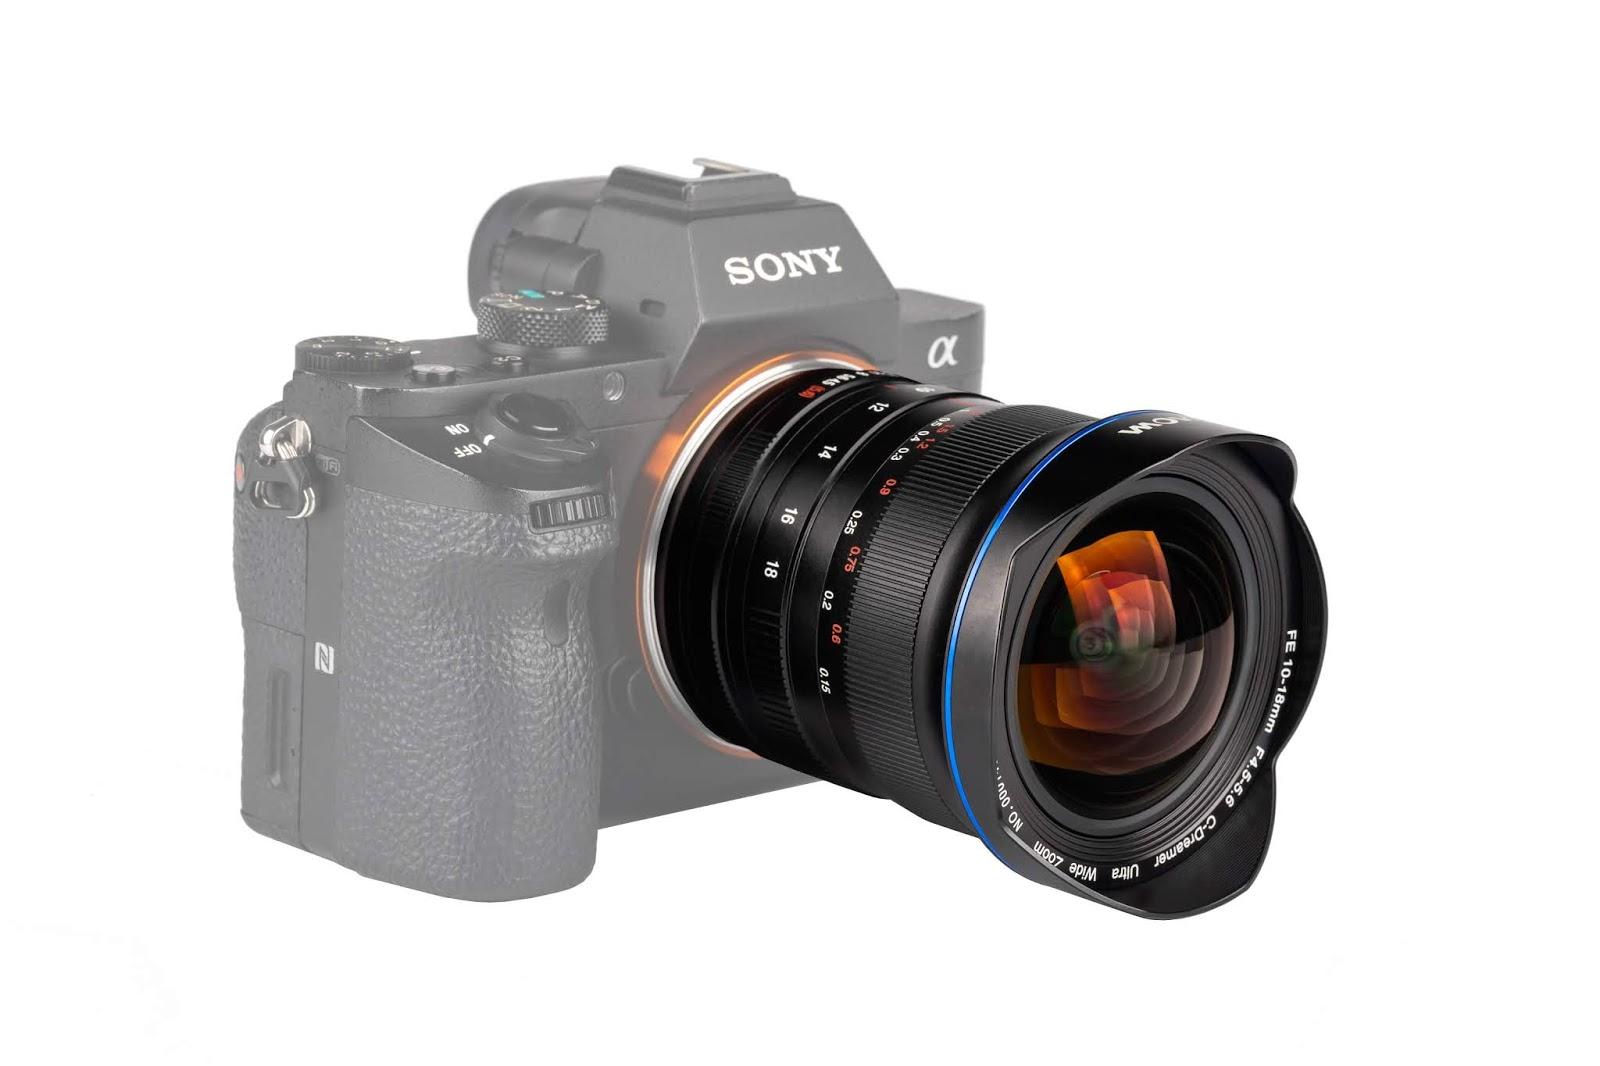 Объектив Laowa 10-18mm f/4.5-5.6 FE и камера Sony